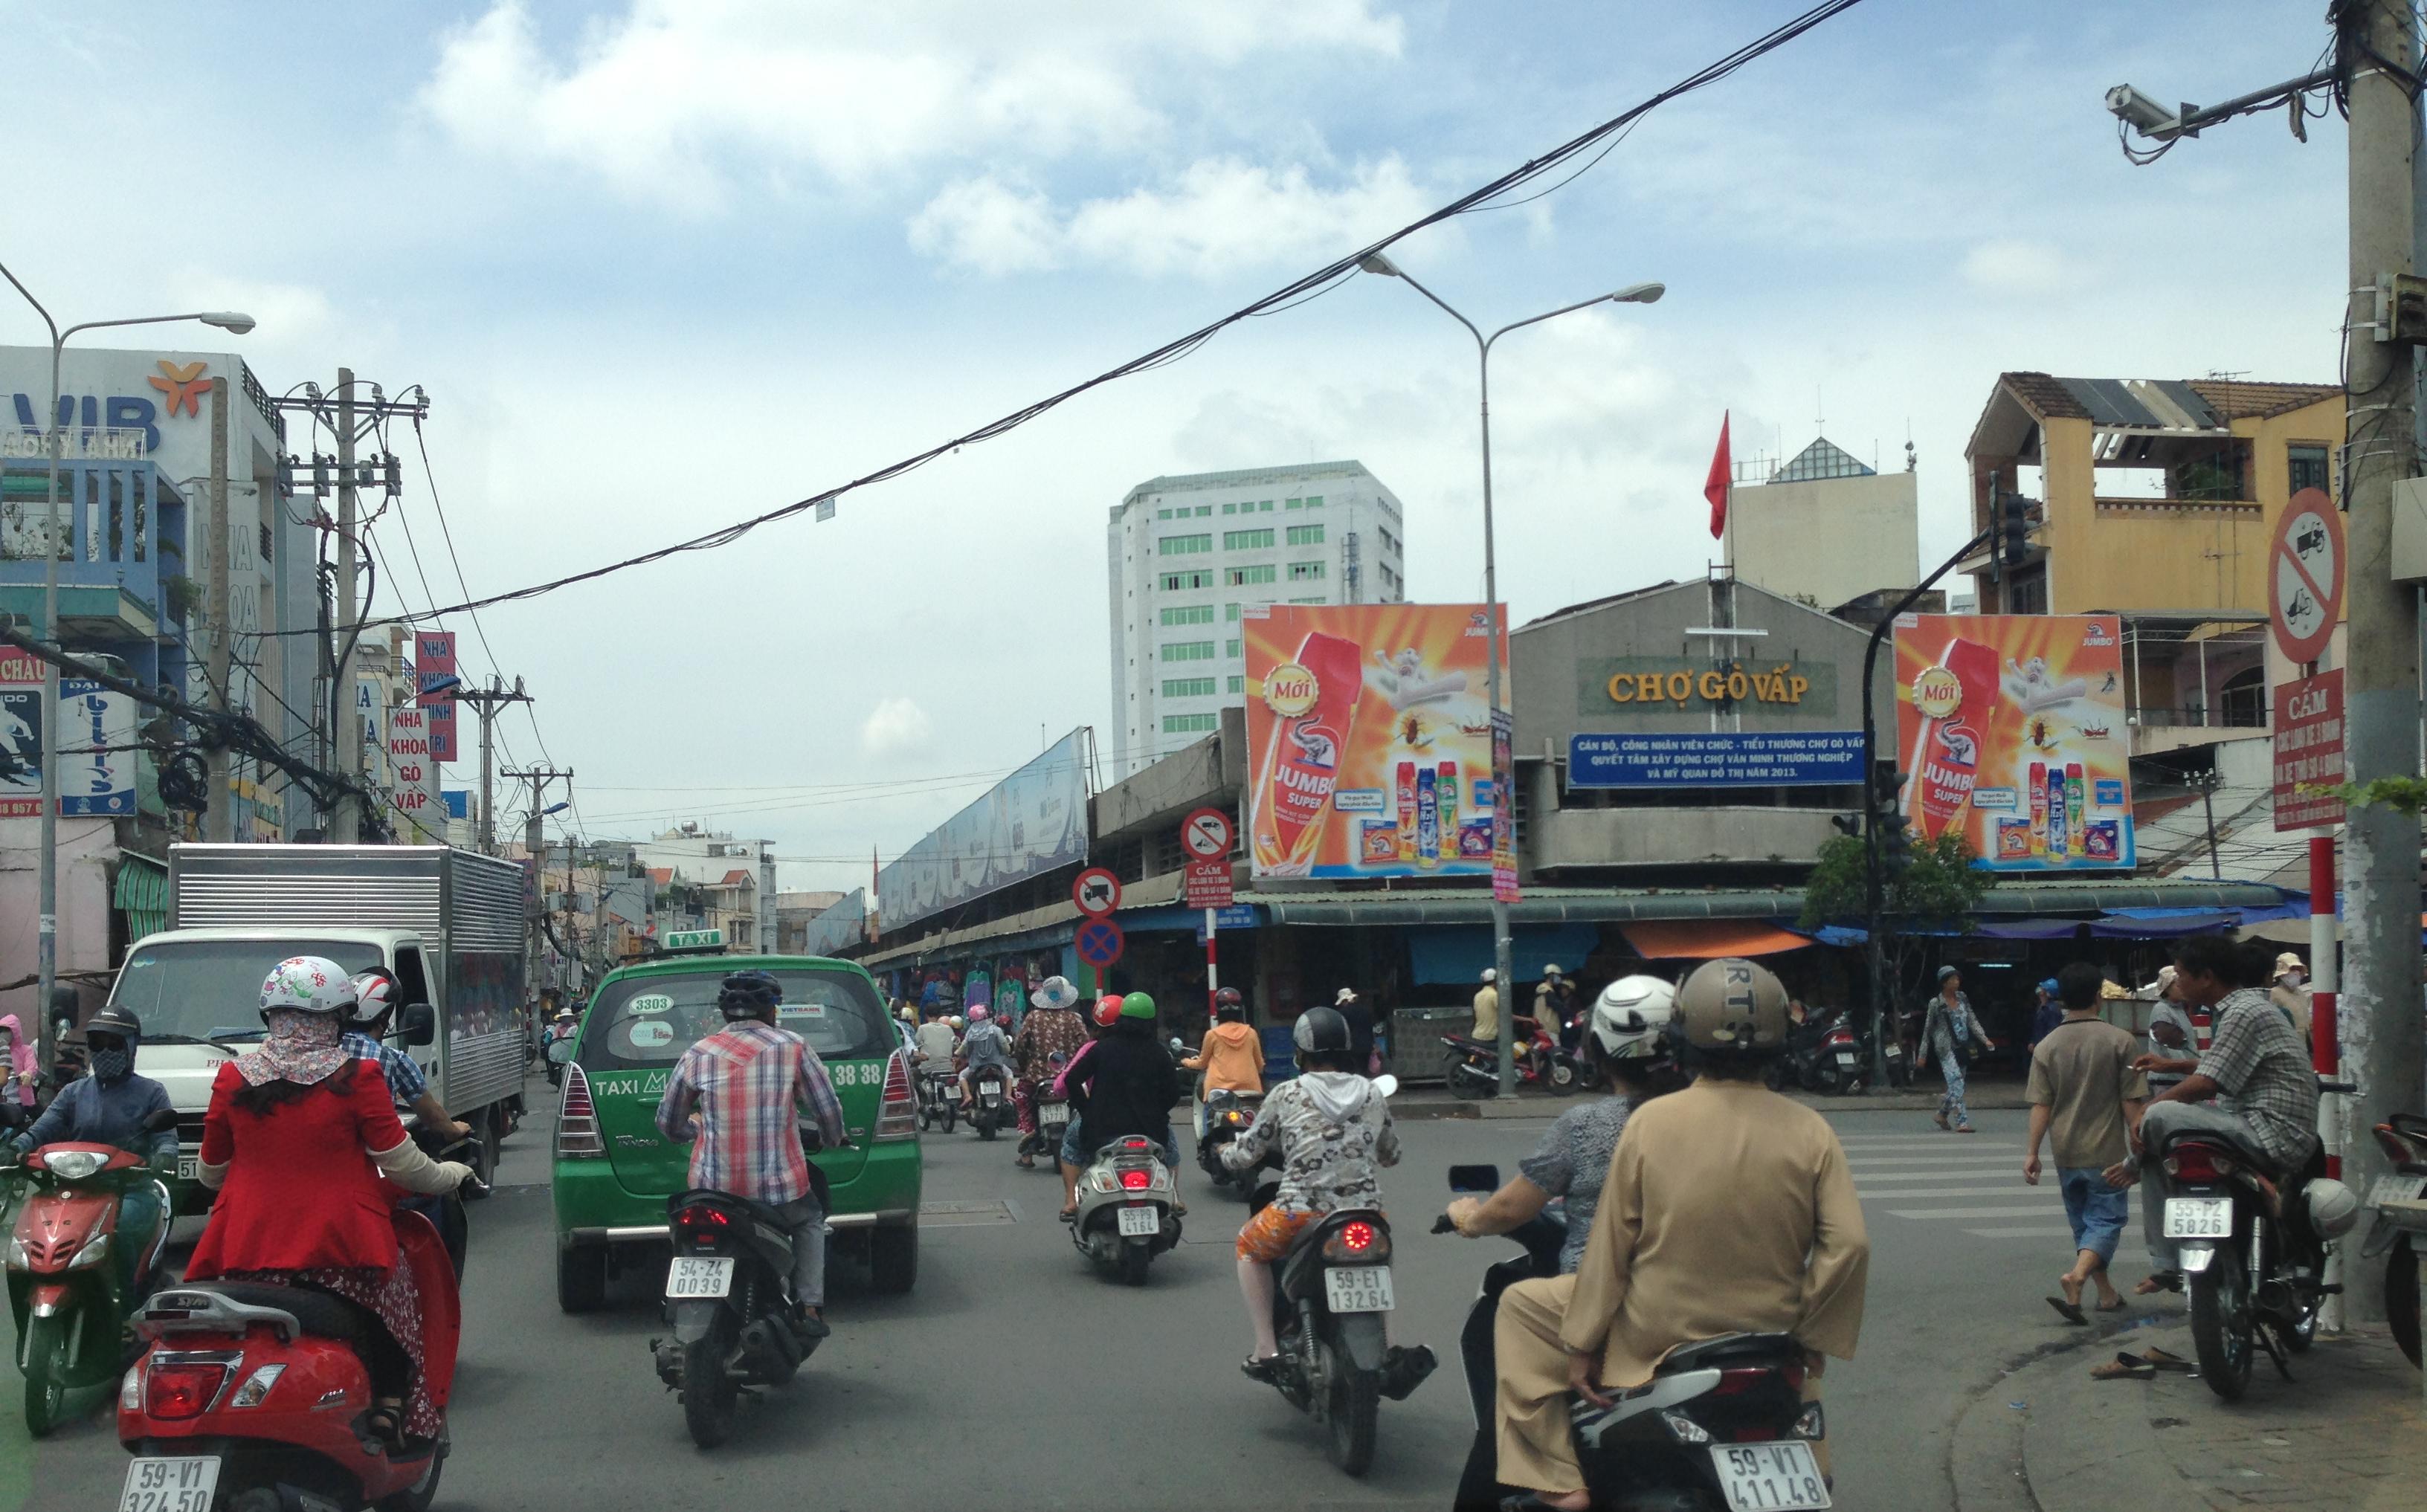 Ảnh Một góc chợ ở Quận Gò Vấp – Wikipedia tiếng Việt